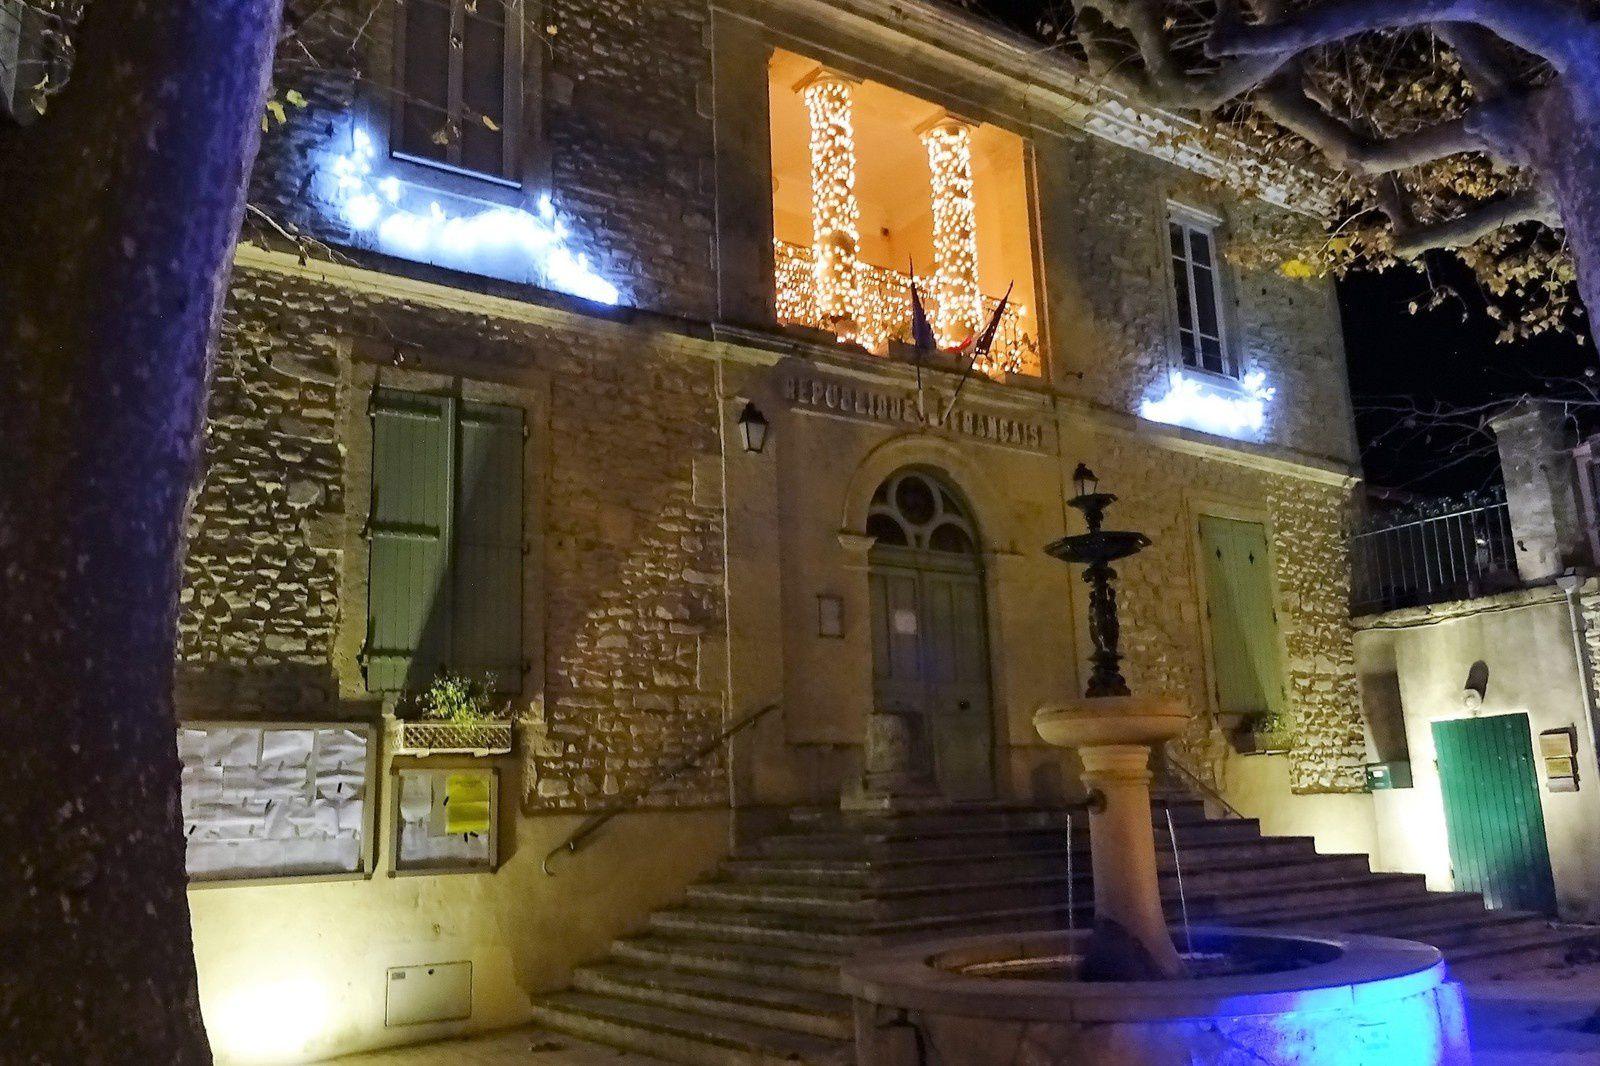 Le soir nous nous rendons au restaurant L'Adagia dans le village de Nages. Bon resto.